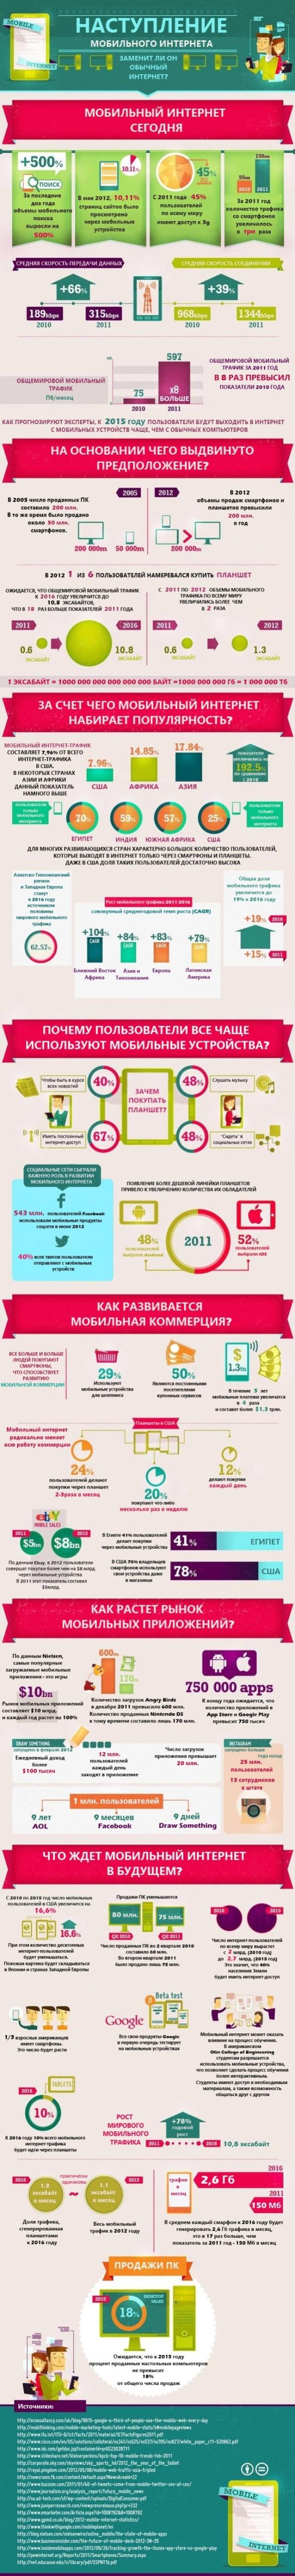 nastuplenie-mobilnogo-interneta